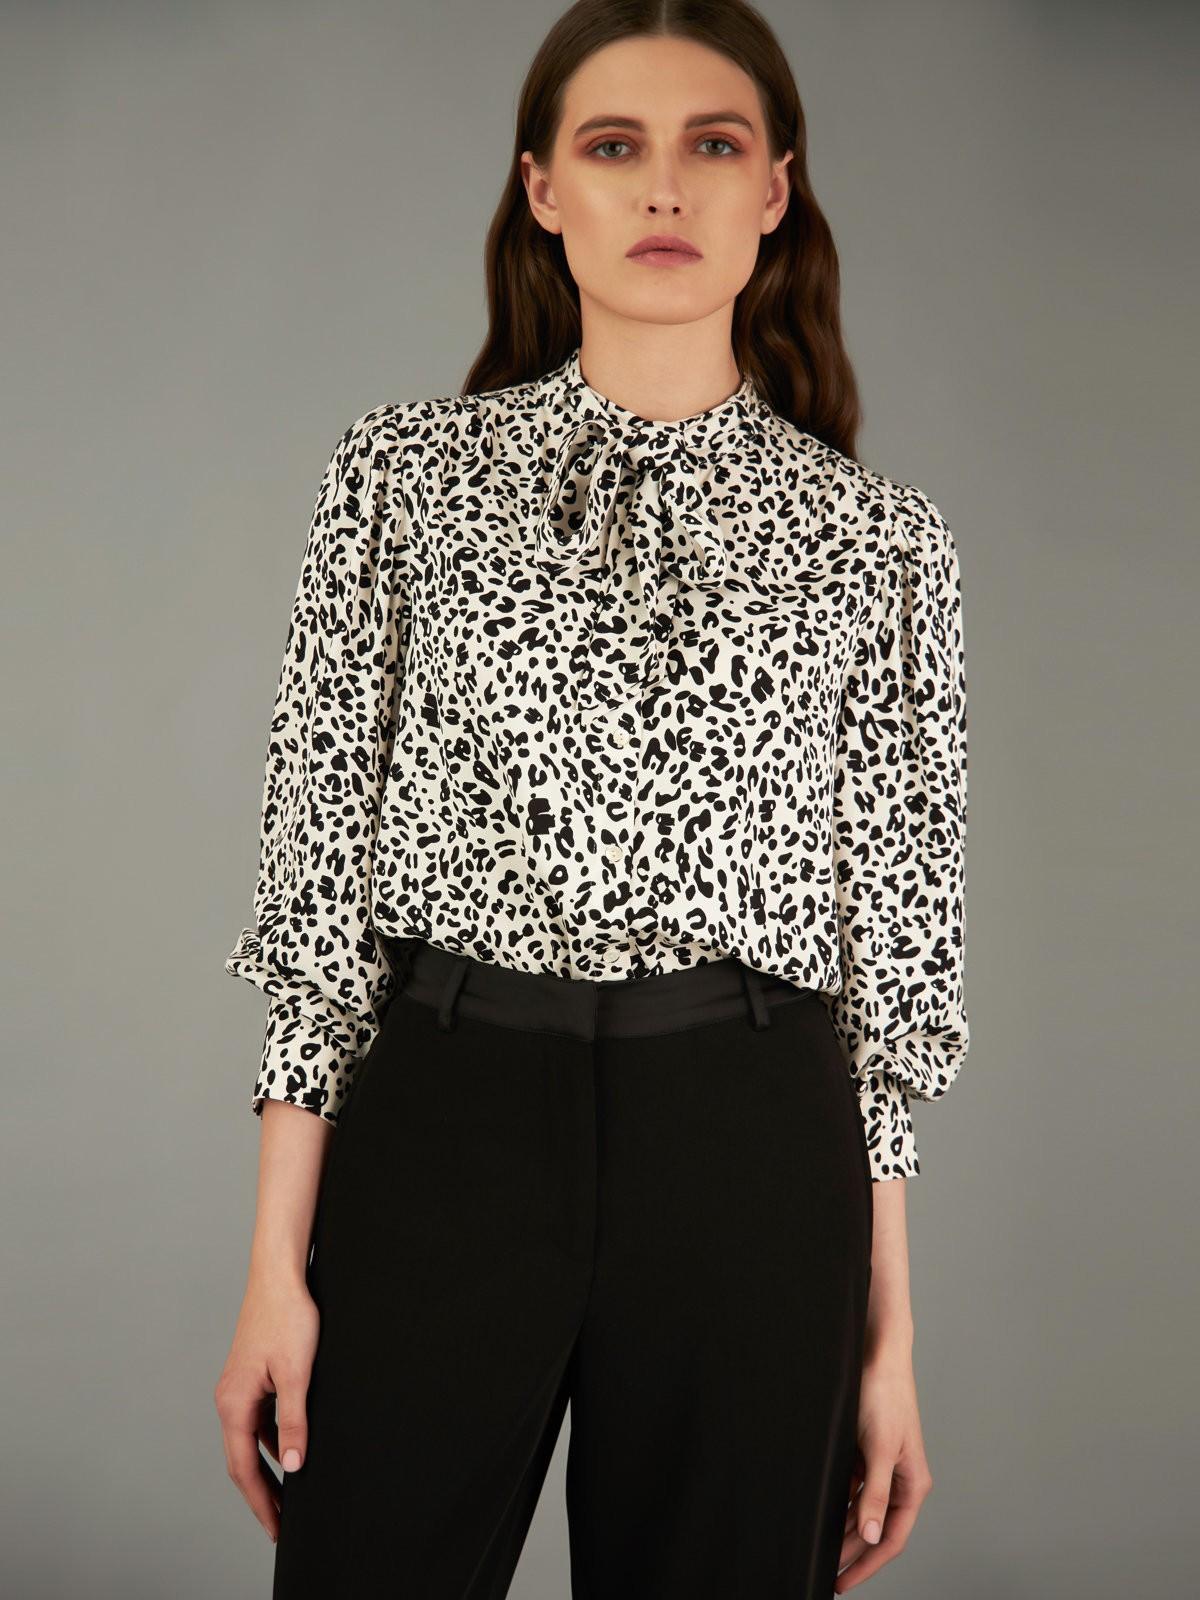 أشكال ملابس العمل-قميص طبعة الفهد